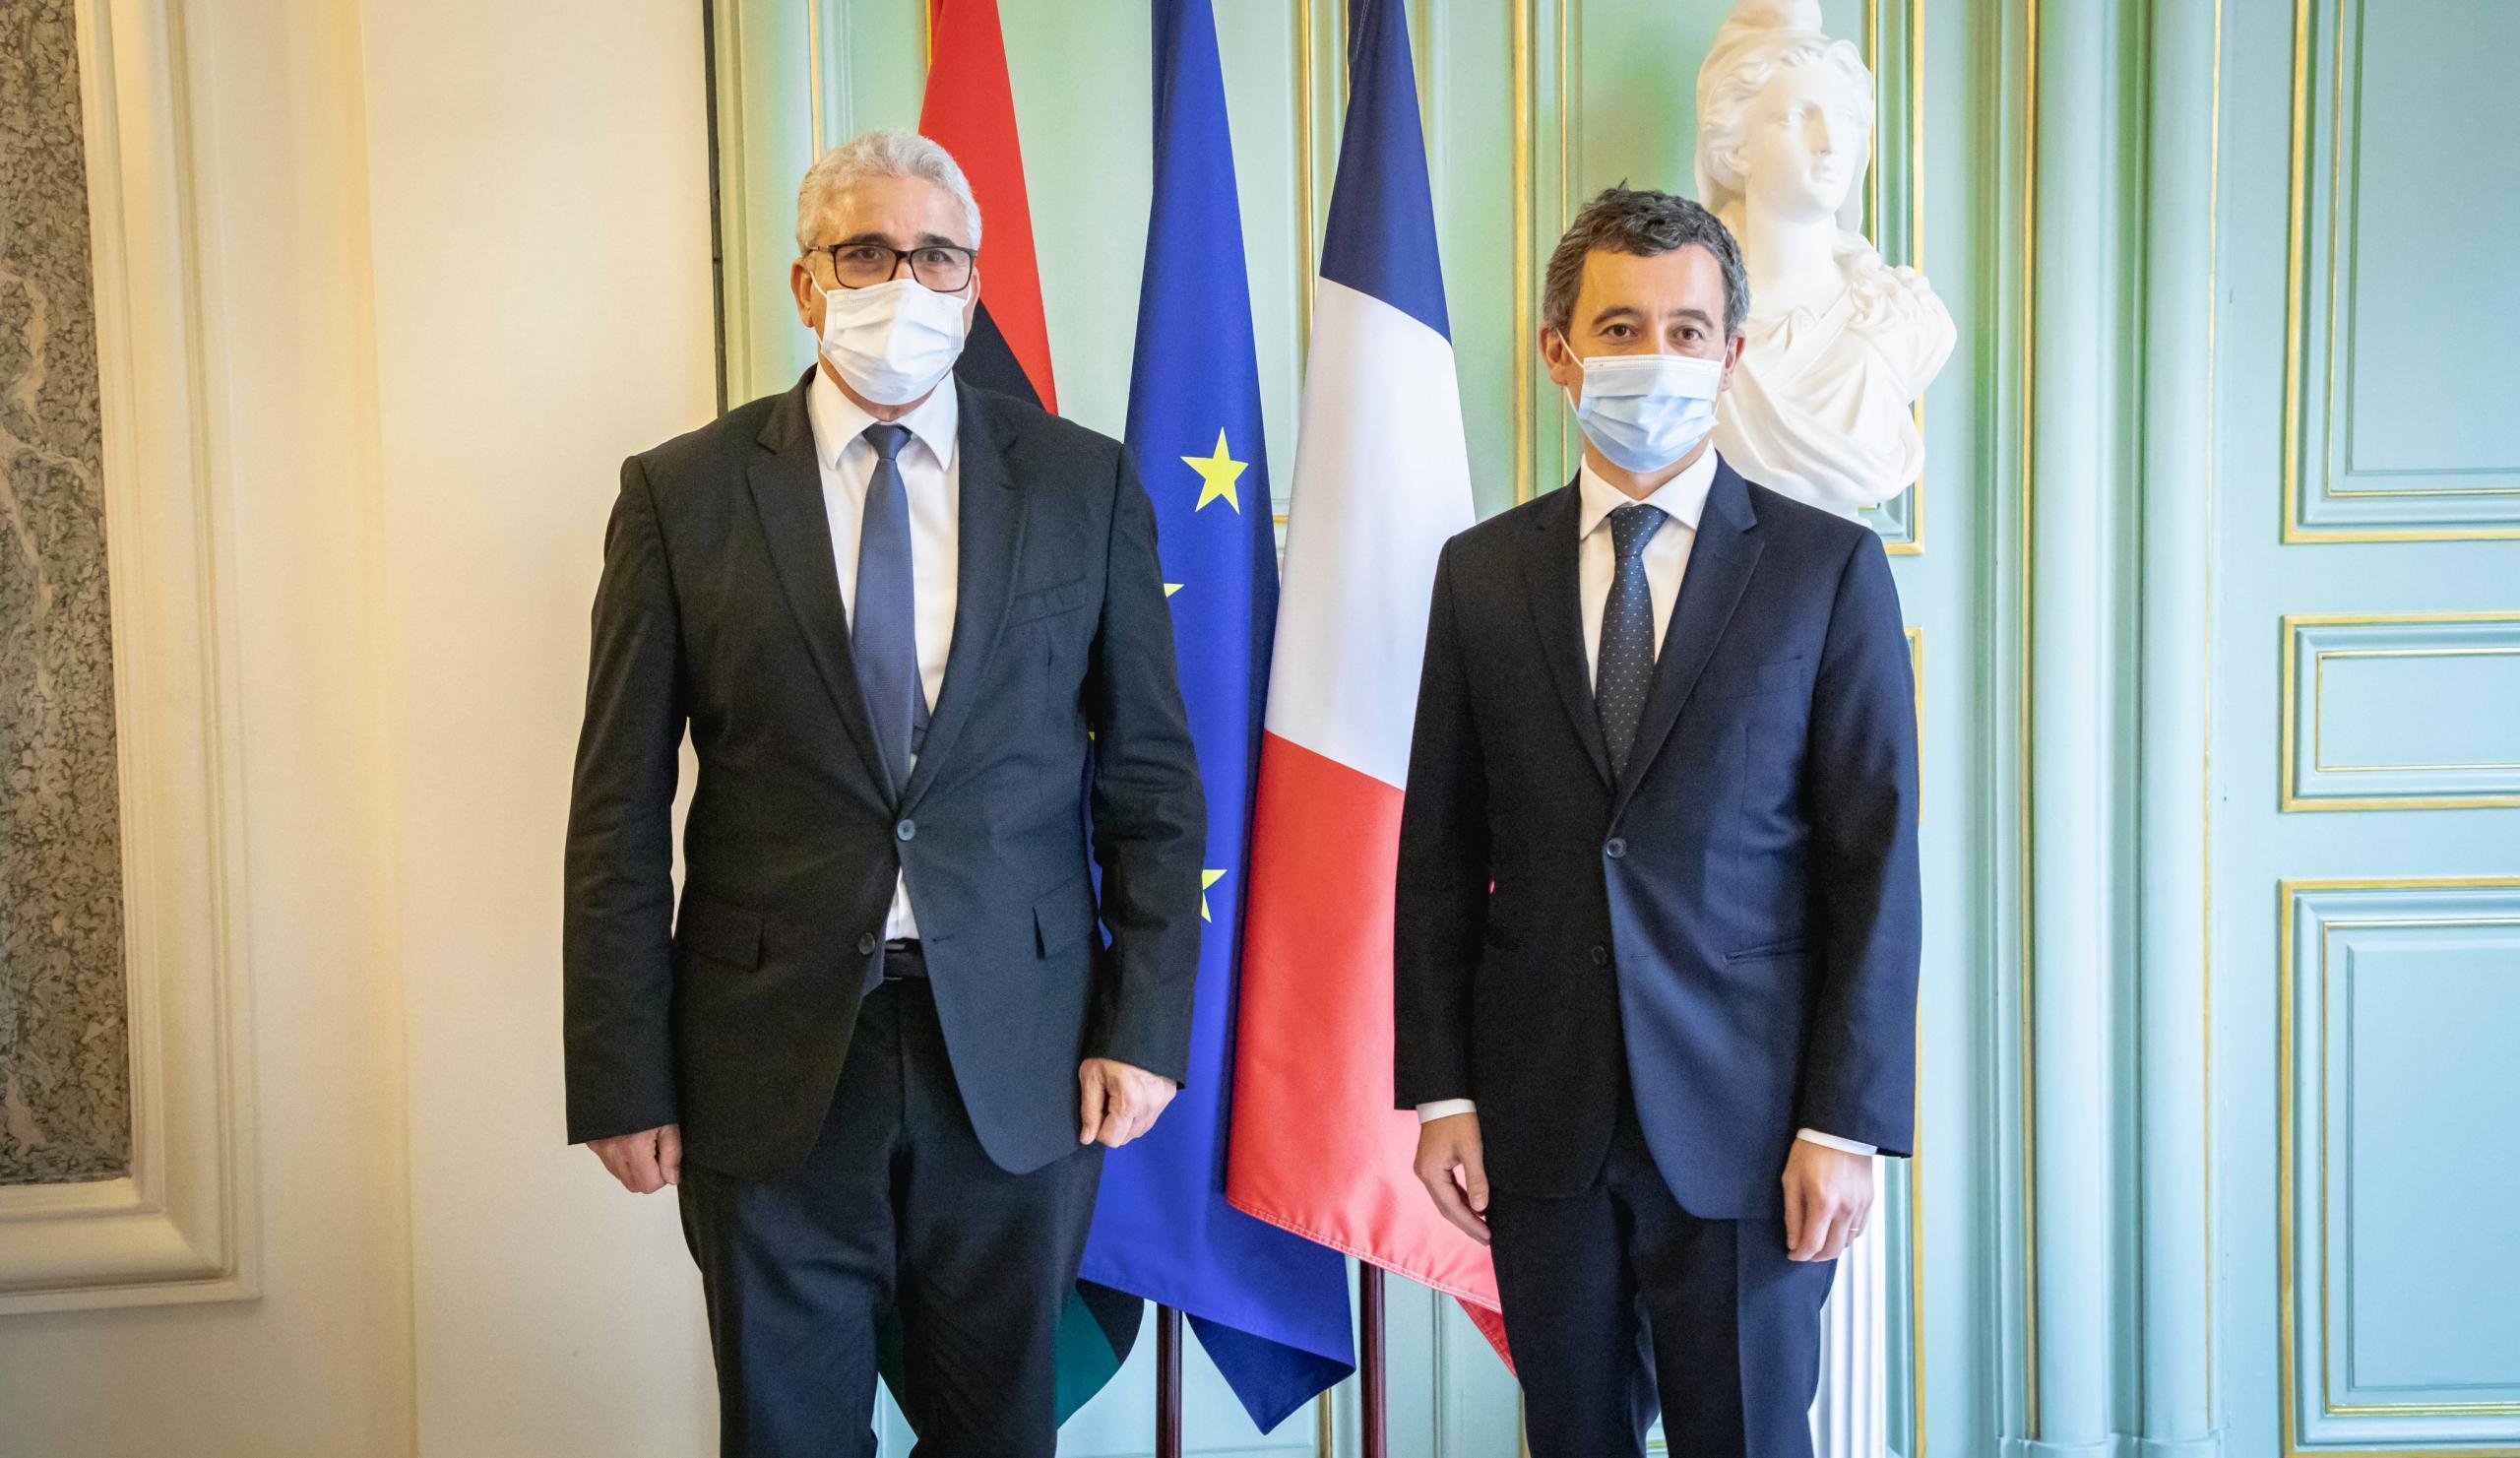 باشاغا يتفق مع نظيره الفرنسي على تدريب الشرطة الليبية